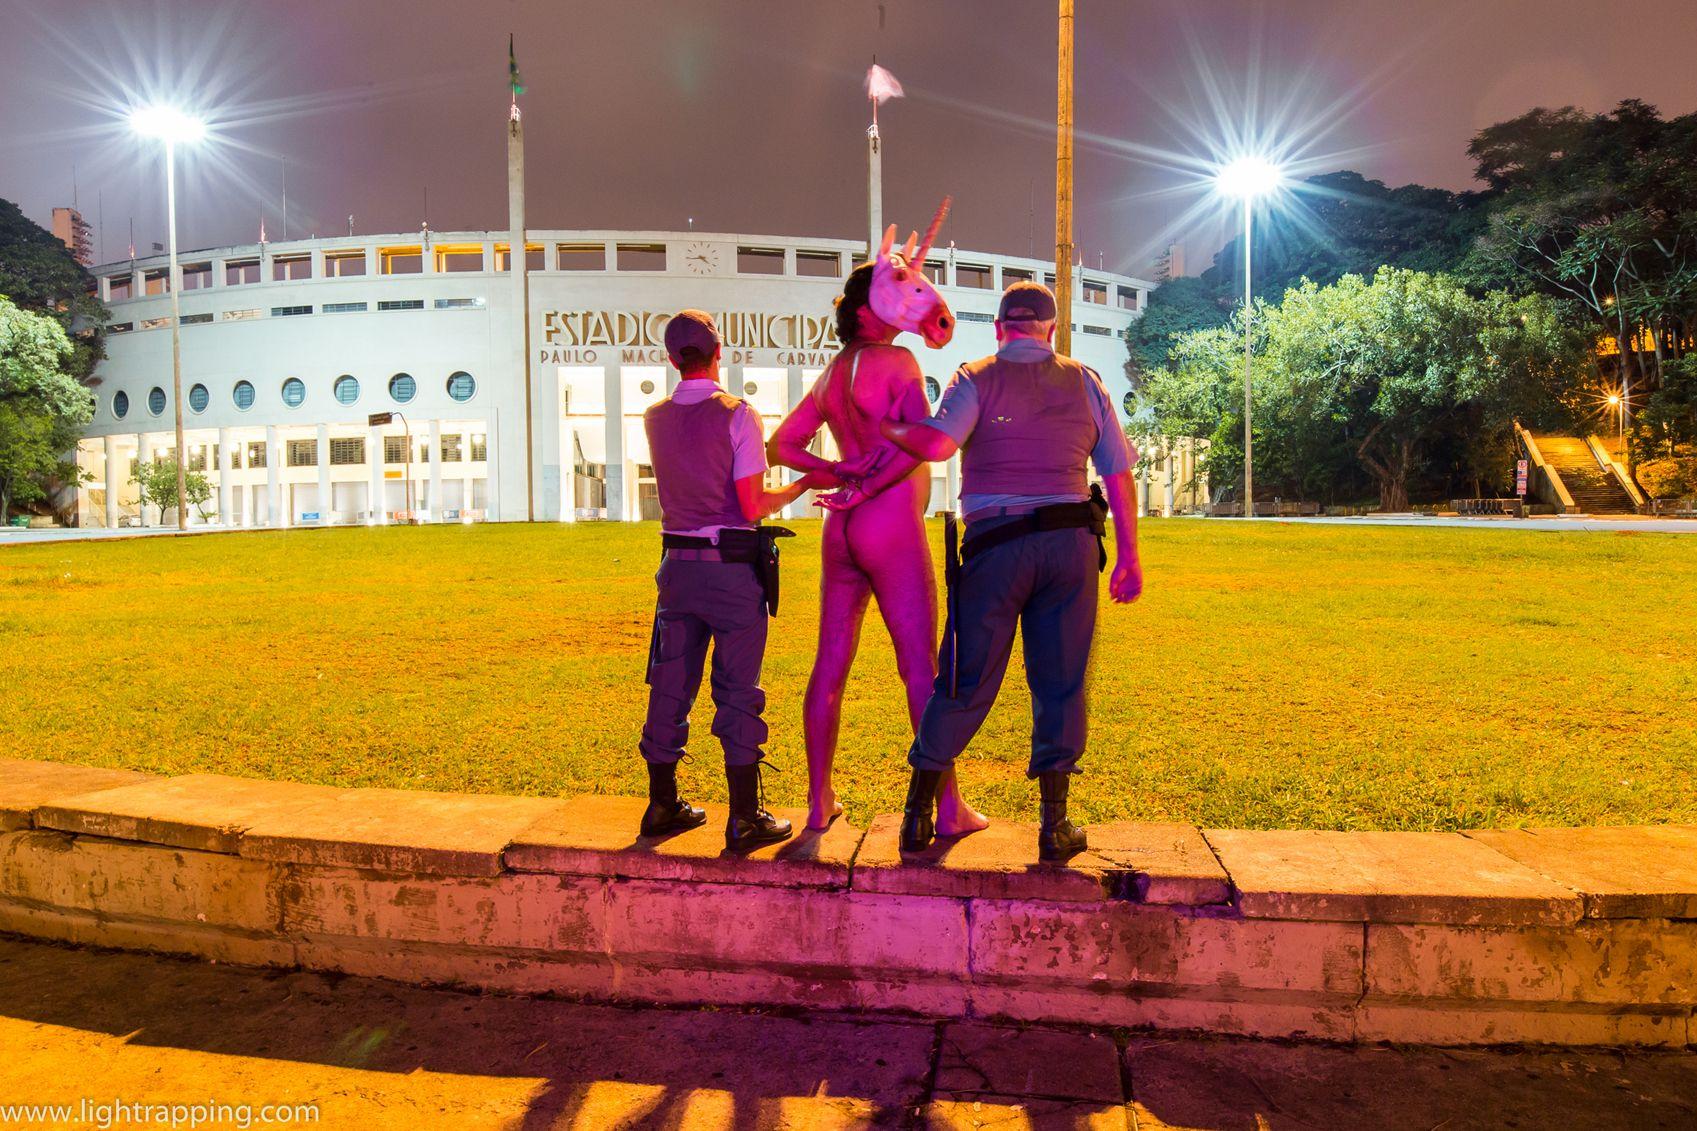 #031_ Lightrapping (de Marcio Miranda Perez, SP, 2016), visto em DCP em 25/01/2016 na 19ª Mostra de Cinema de Tiradentes